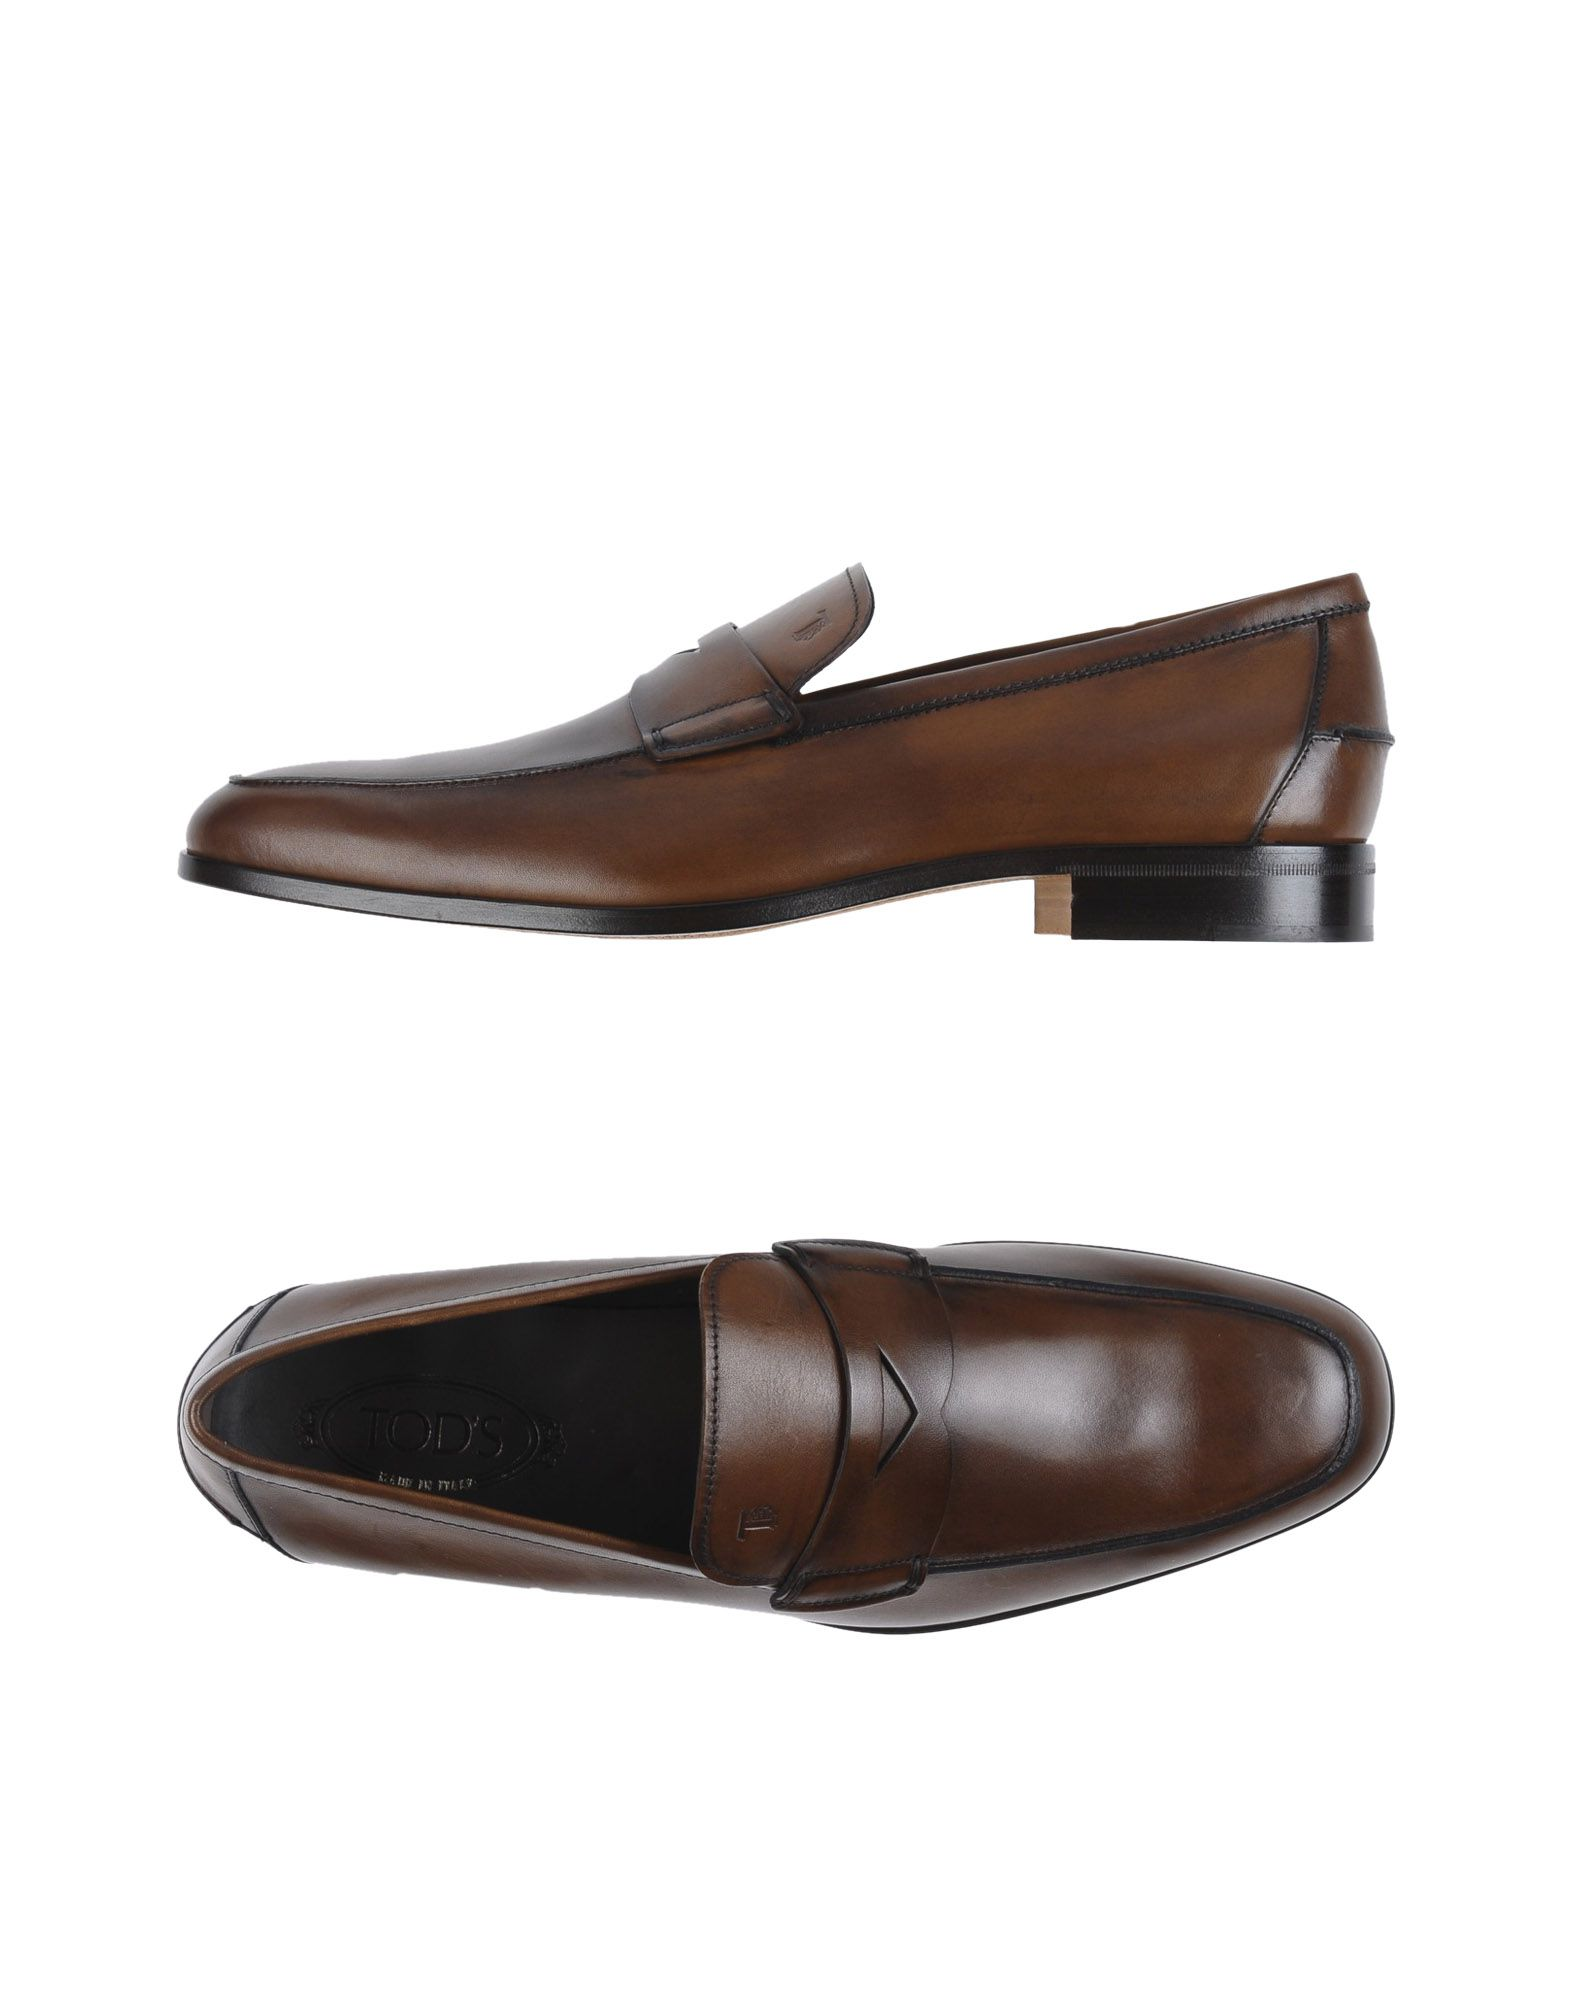 Tod's Mokassins Qualität Herren  11251577TF Gute Qualität Mokassins beliebte Schuhe fbd581